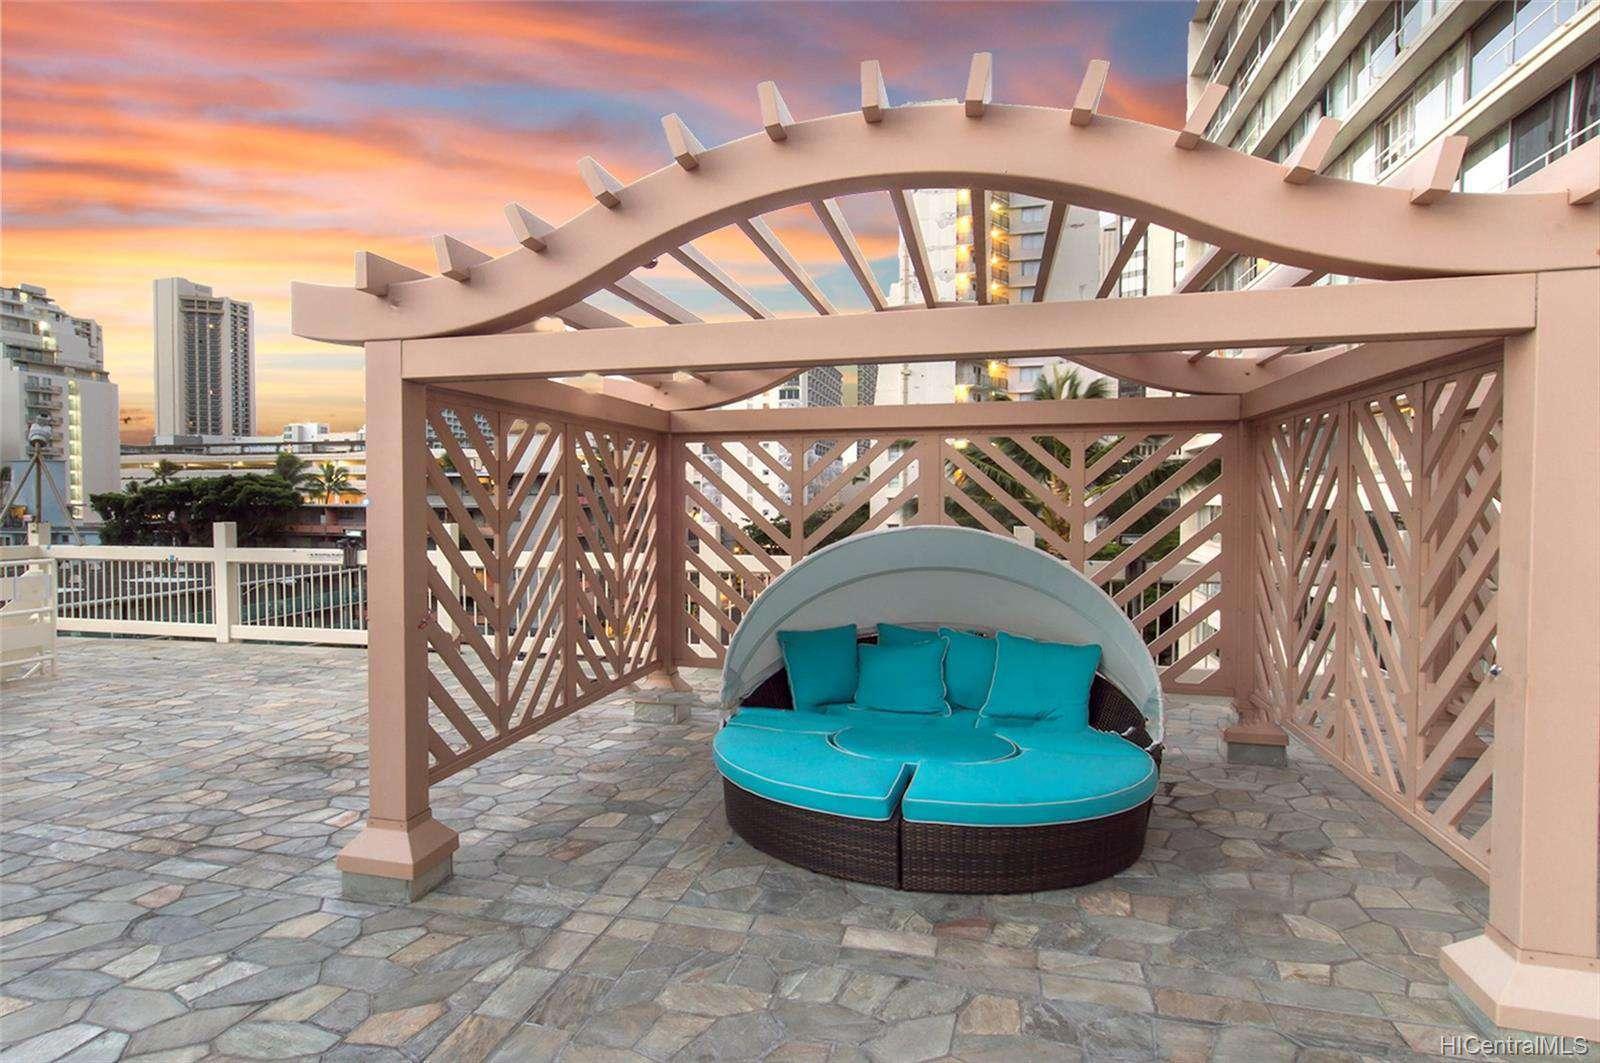 Cabana - 6th Floor Sundeck